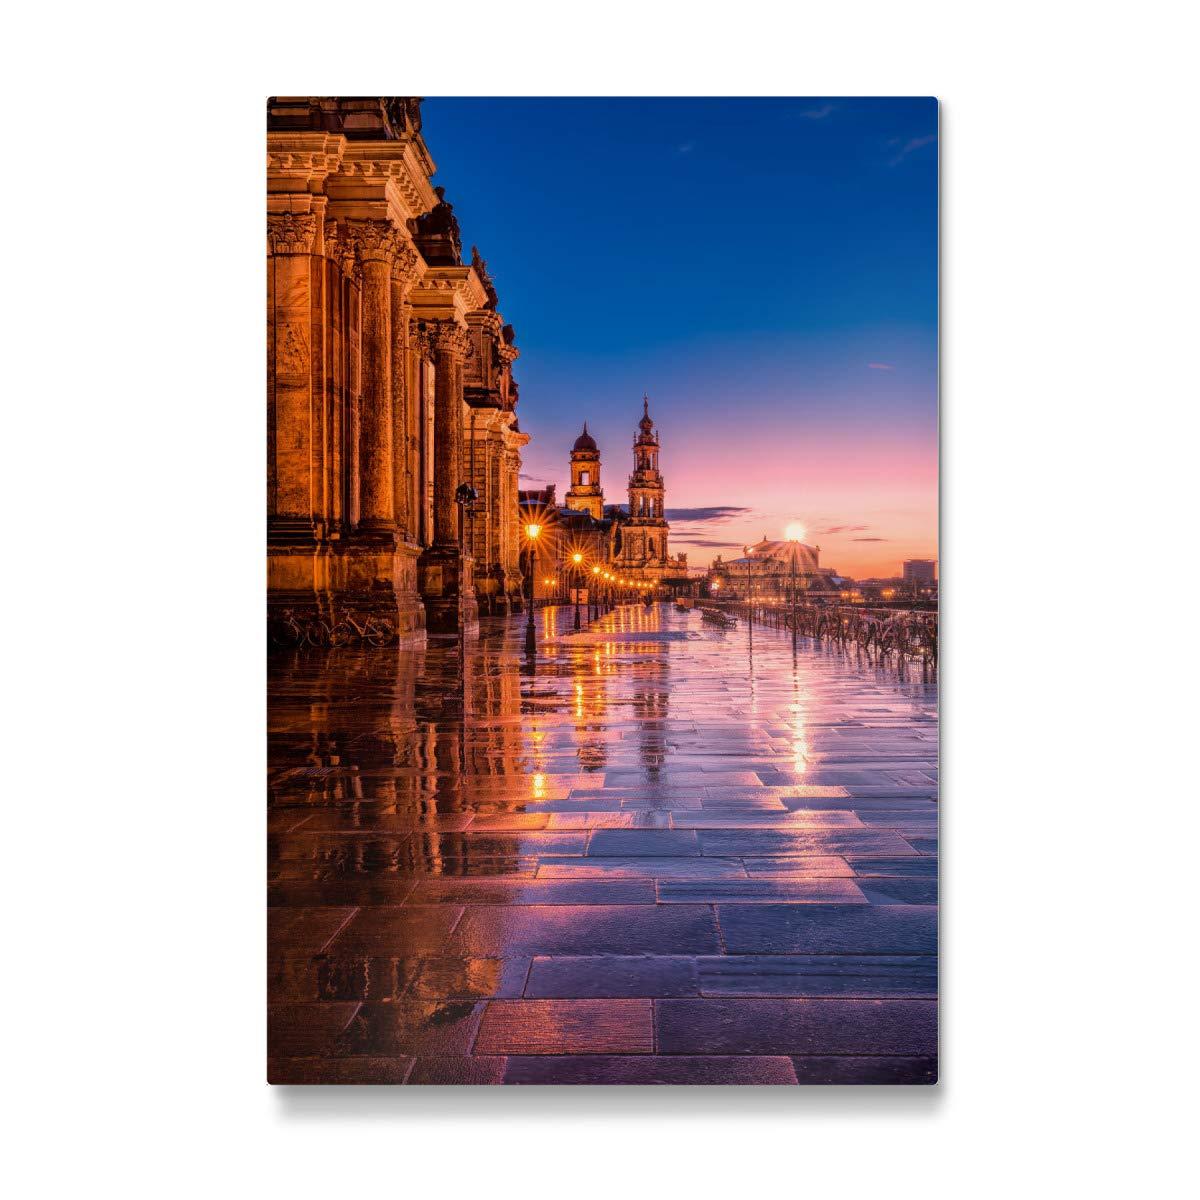 Bilder, Poster, Kunstdrucke & Skulpturen artboxONE Galerie-Print 30x20 cm Dresden Skyline Portrait hochwertiges Acrylglas auf Alu-Dibond von Michael Tompsett Glasbilder